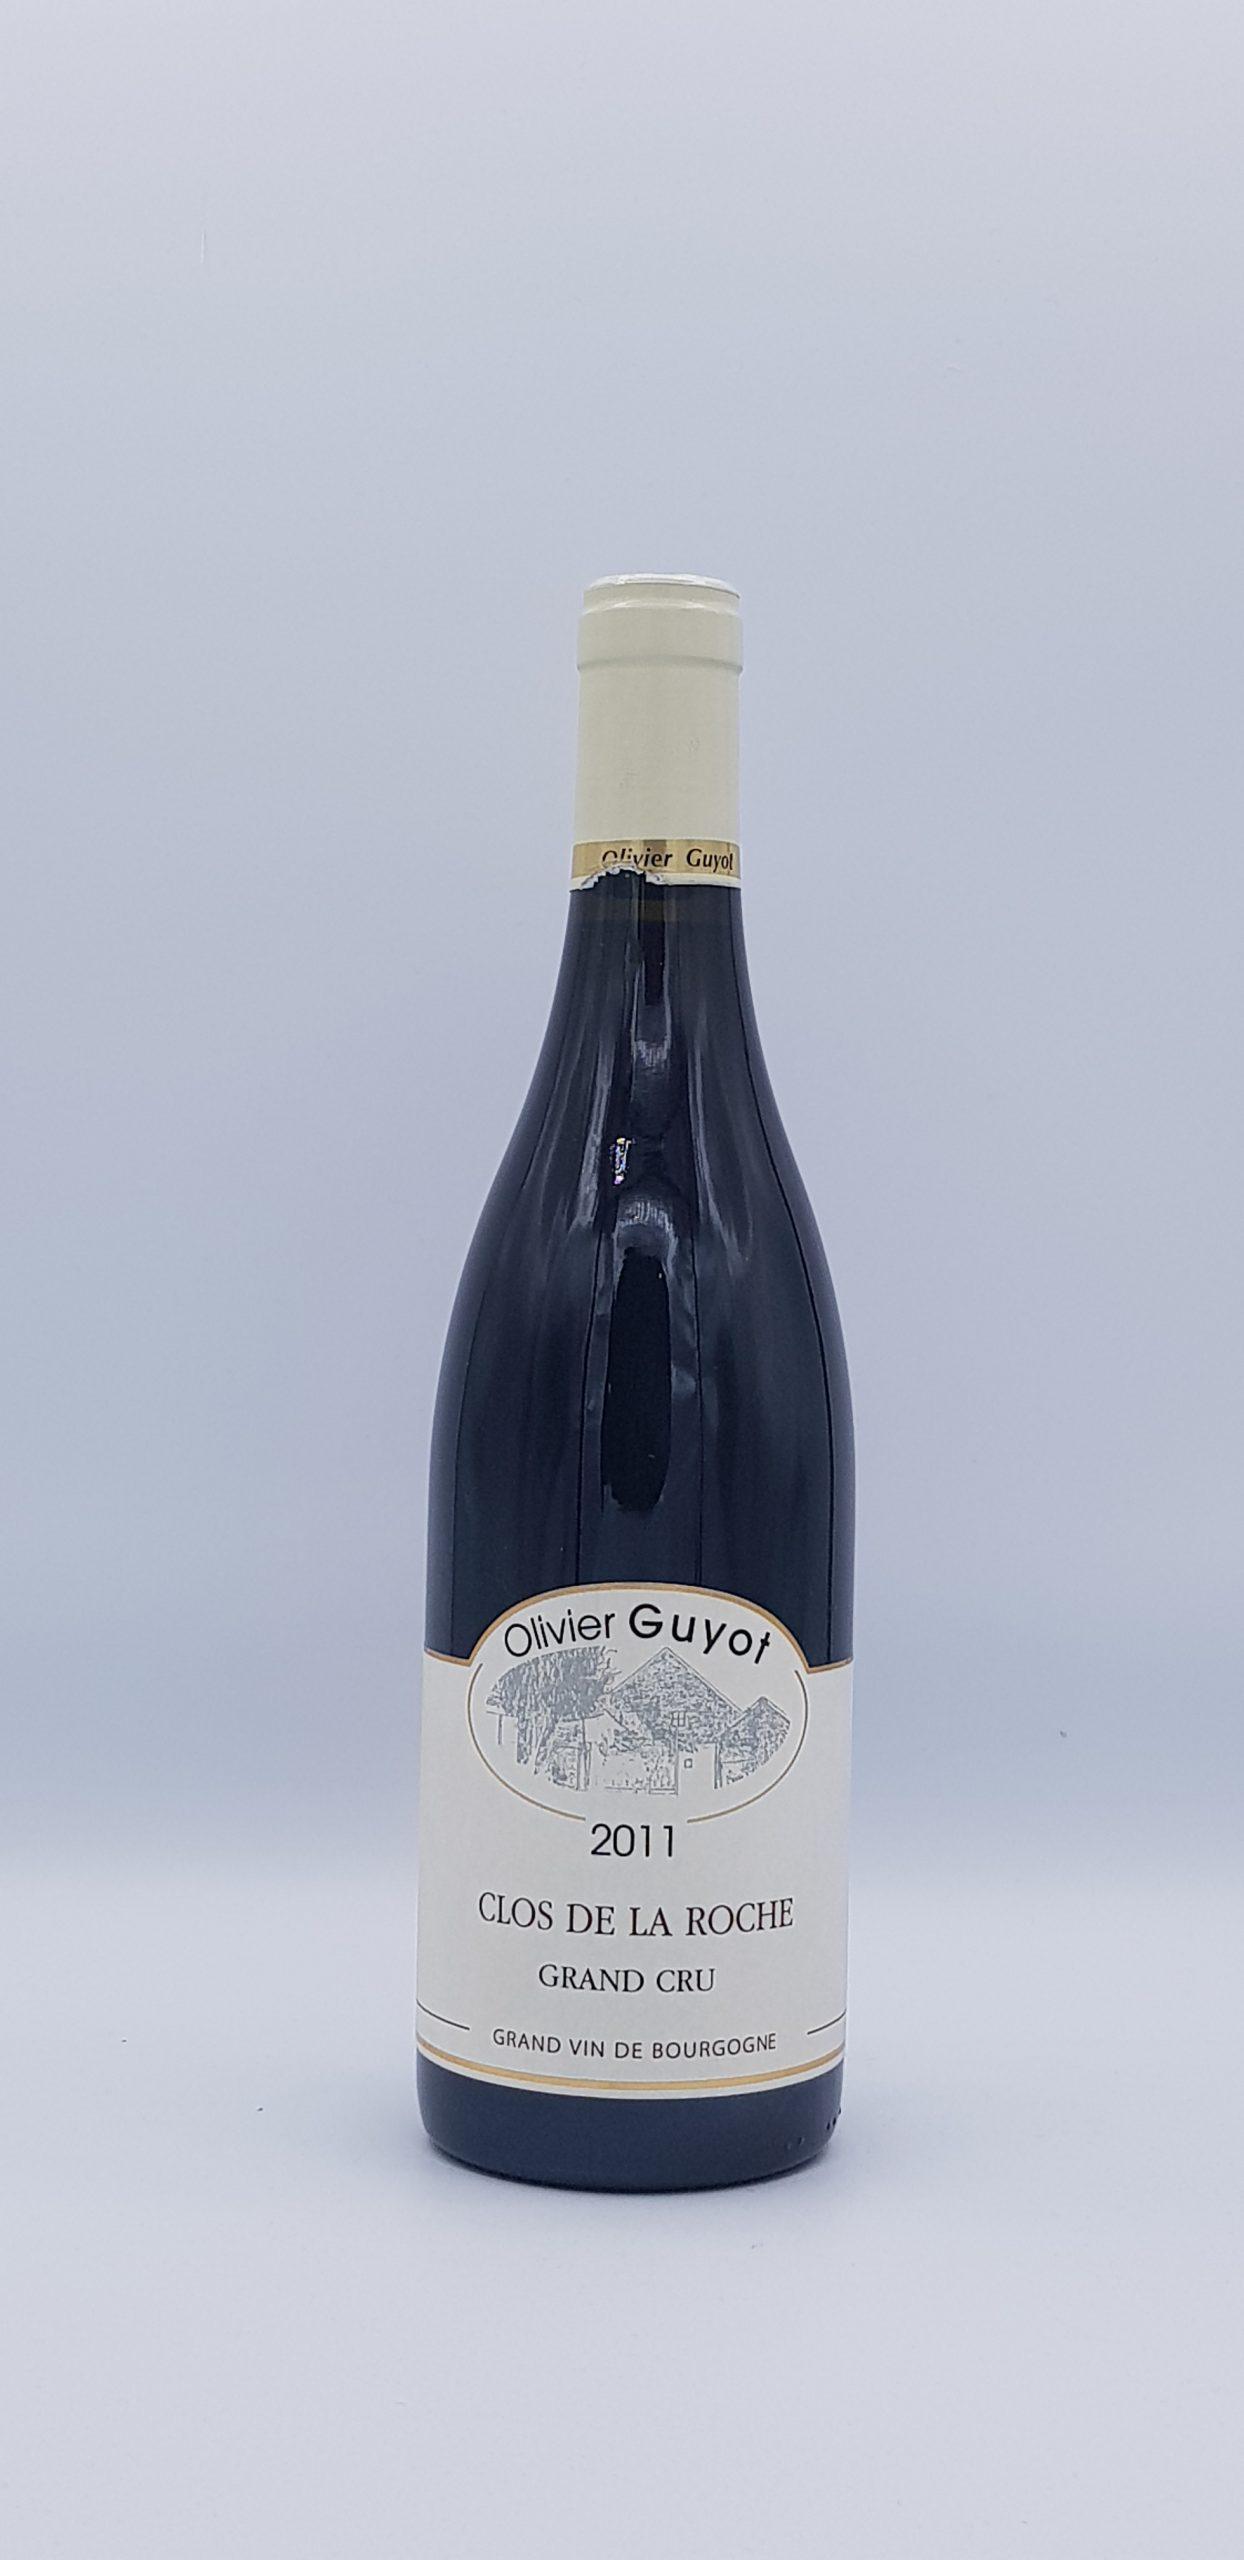 Clos De La Roche Grand Cru 2011